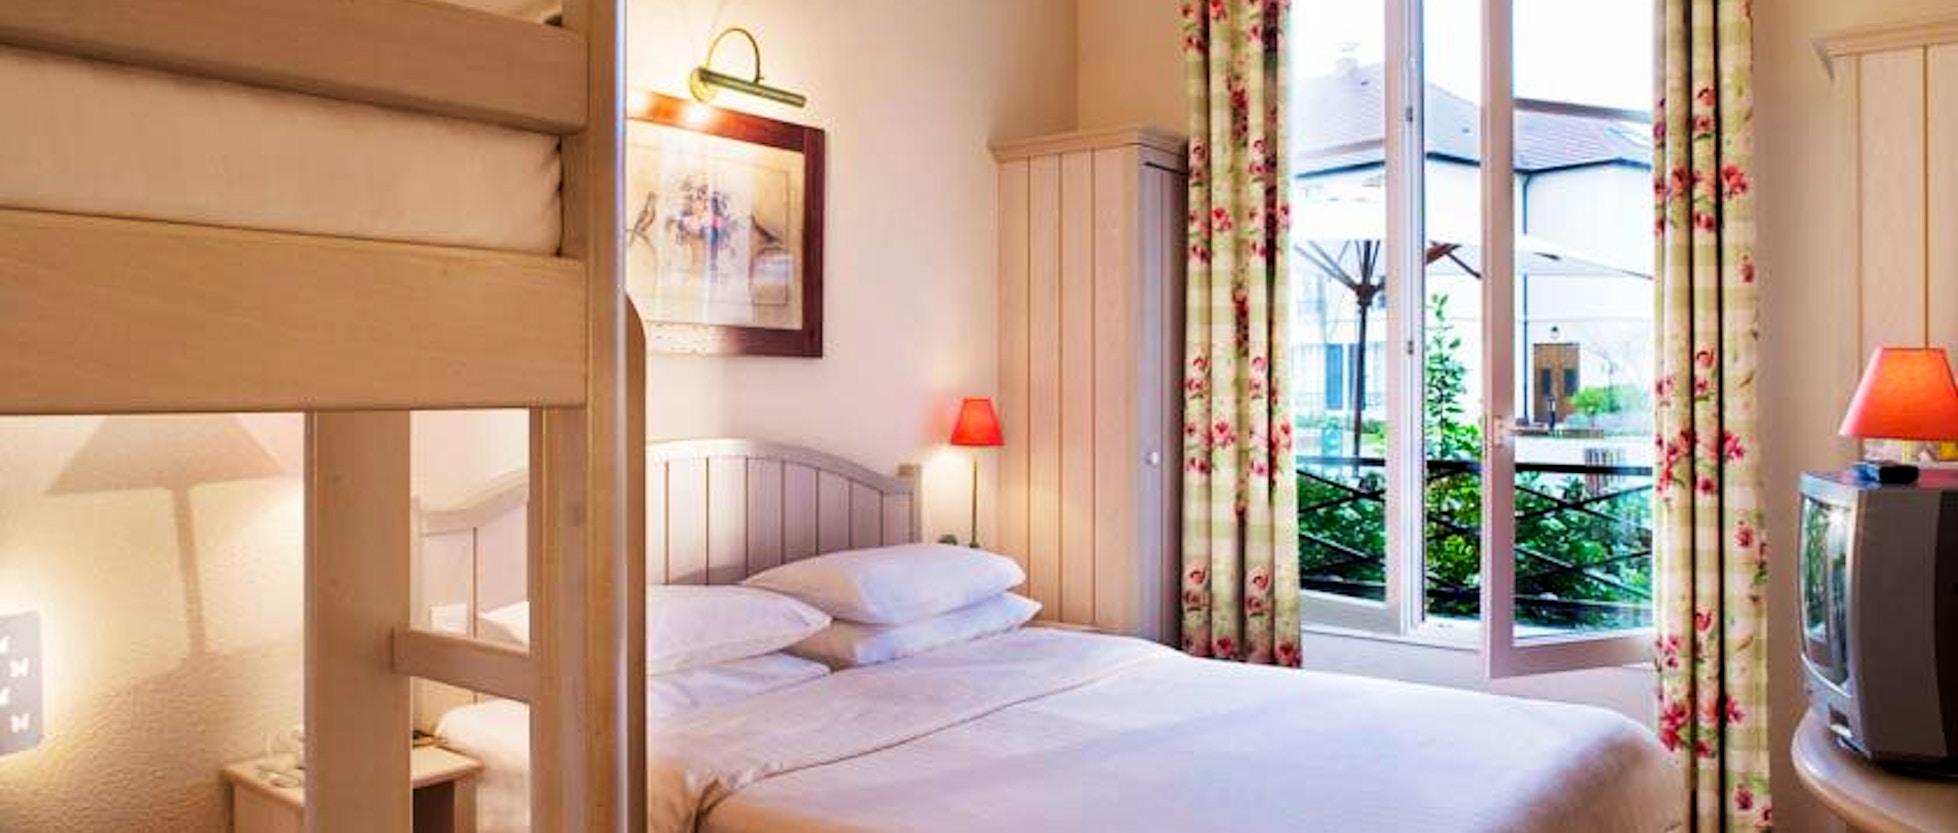 Hotel Disneyland Paris: dove dormire vicino ai parchi Disney